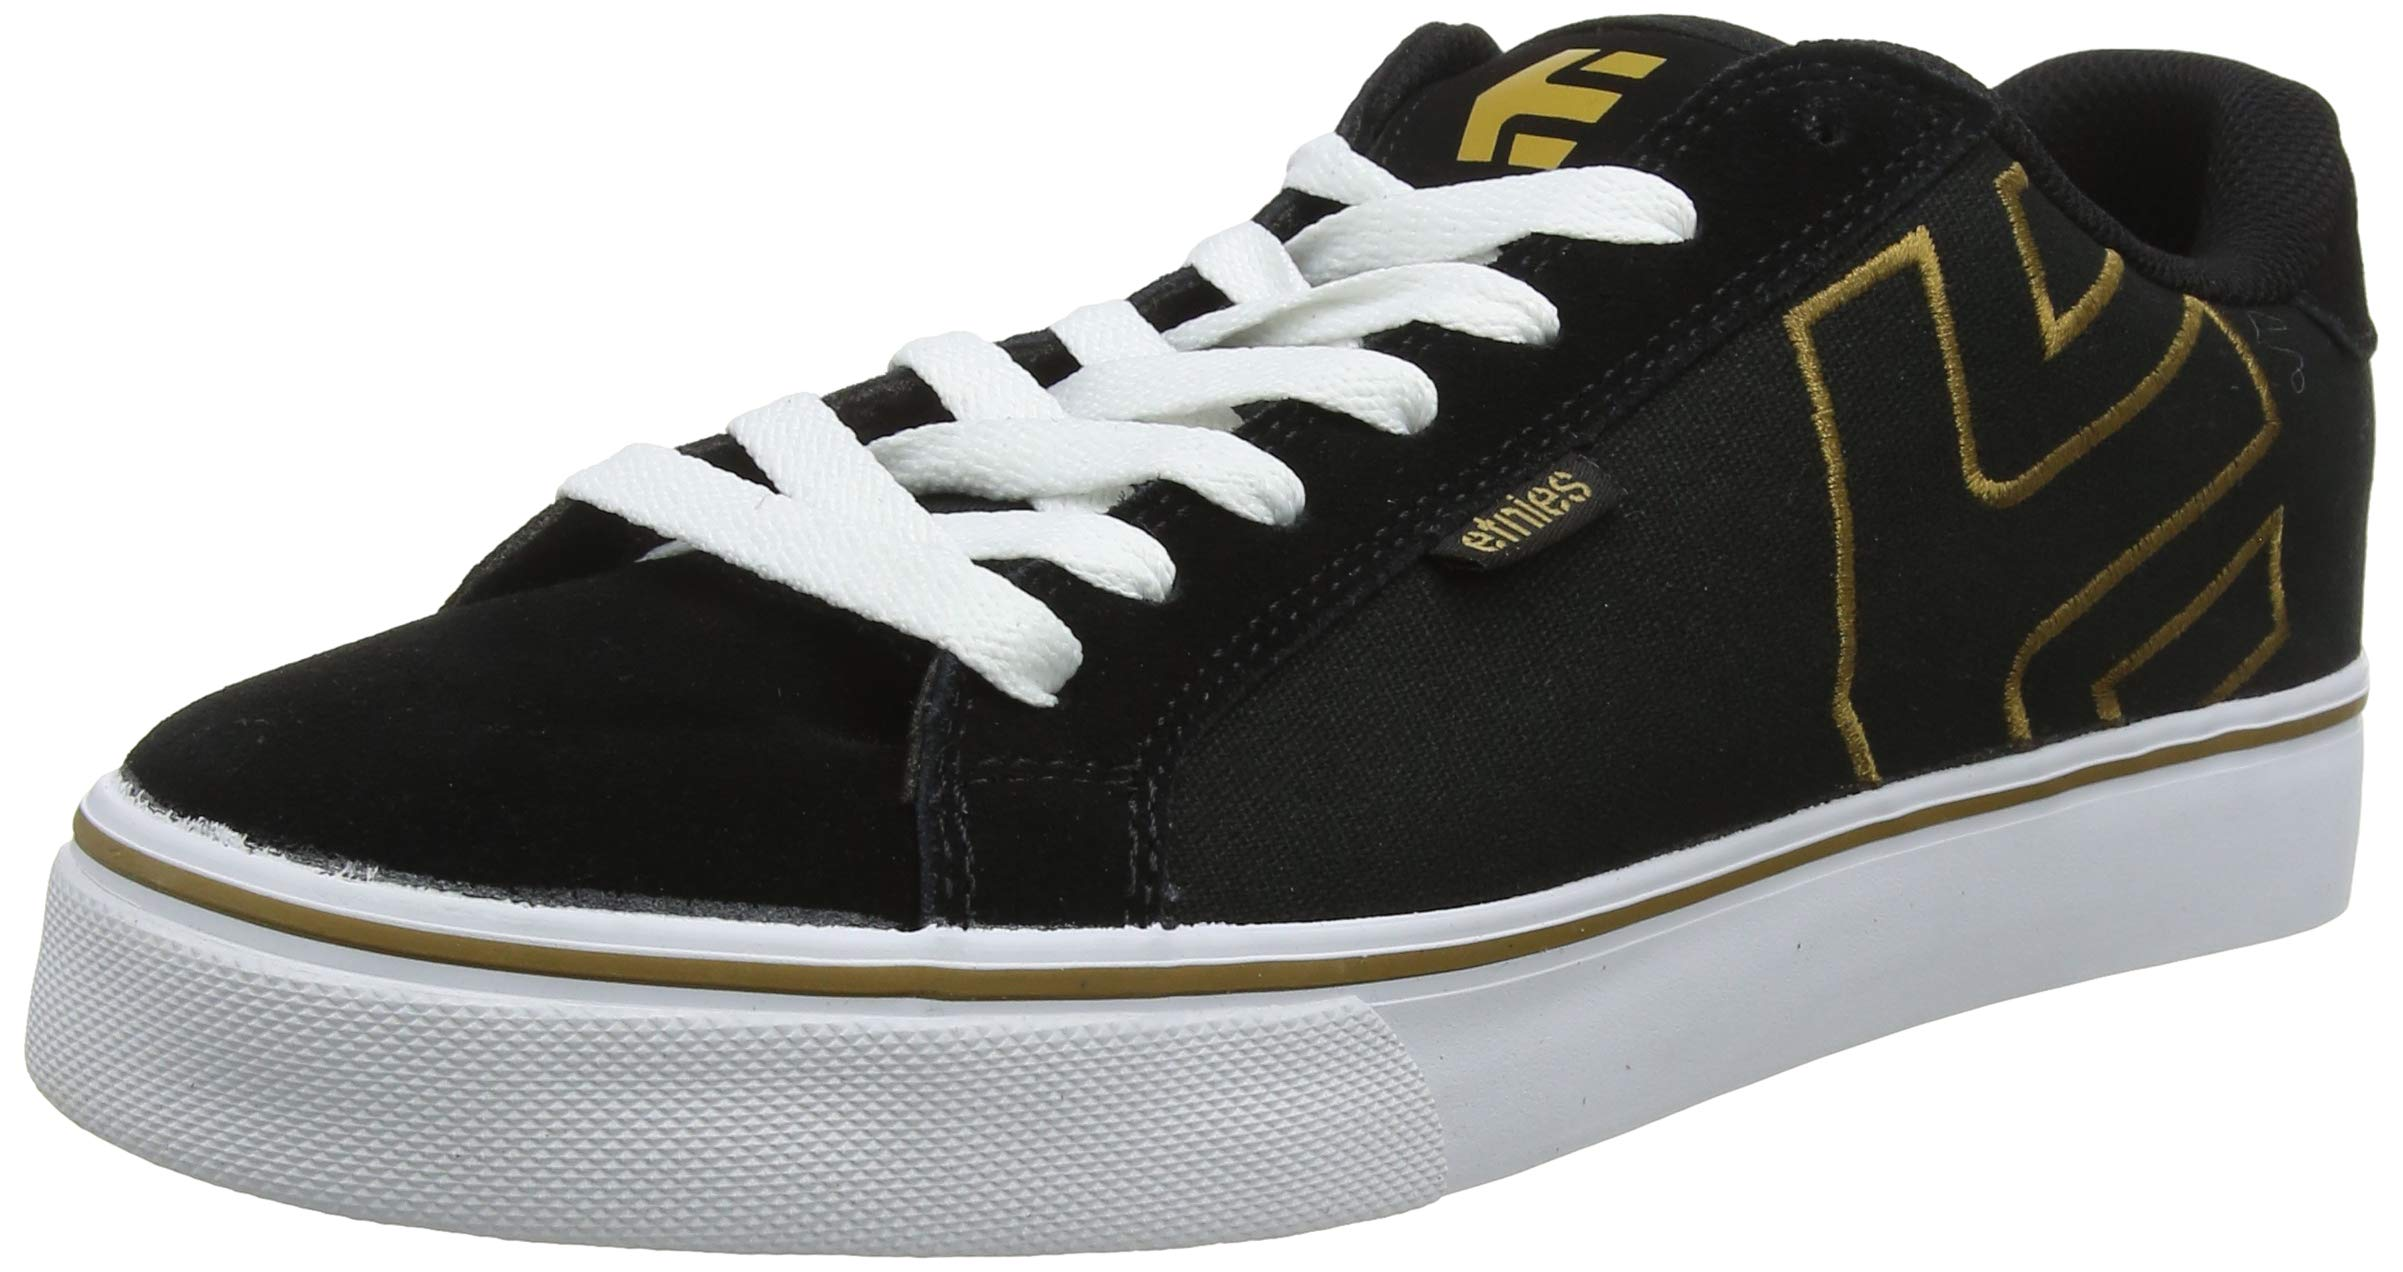 Etnies Men's Fader Vulc Skate Shoe, Black/Gum/White, 9.5 Medium US by Etnies